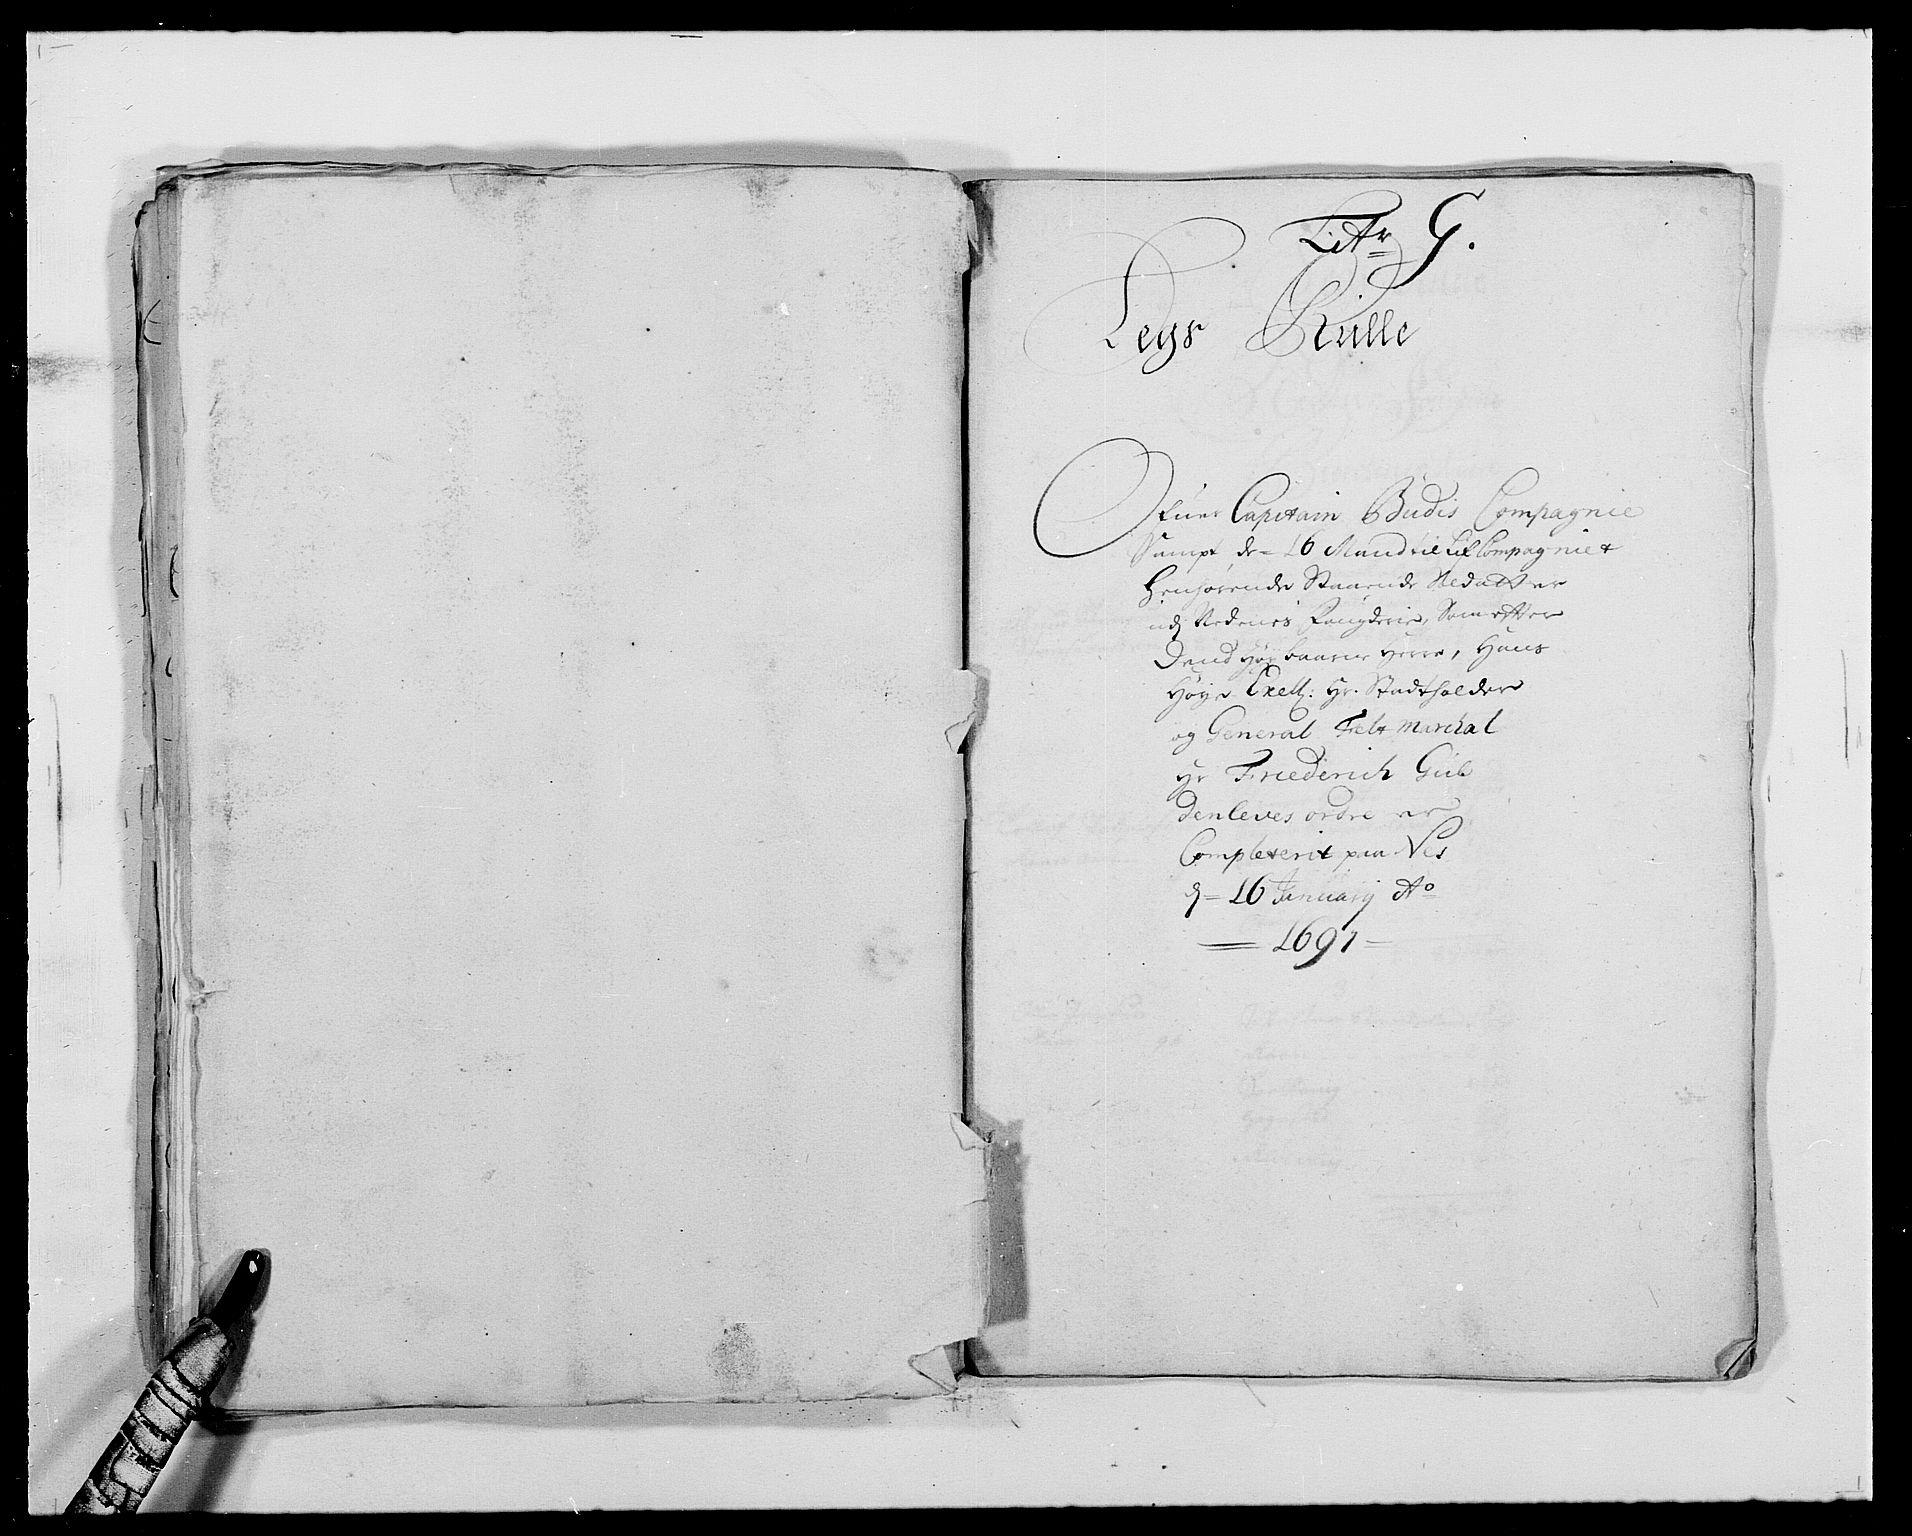 RA, Rentekammeret inntil 1814, Reviderte regnskaper, Fogderegnskap, R39/L2310: Fogderegnskap Nedenes, 1690-1692, s. 206